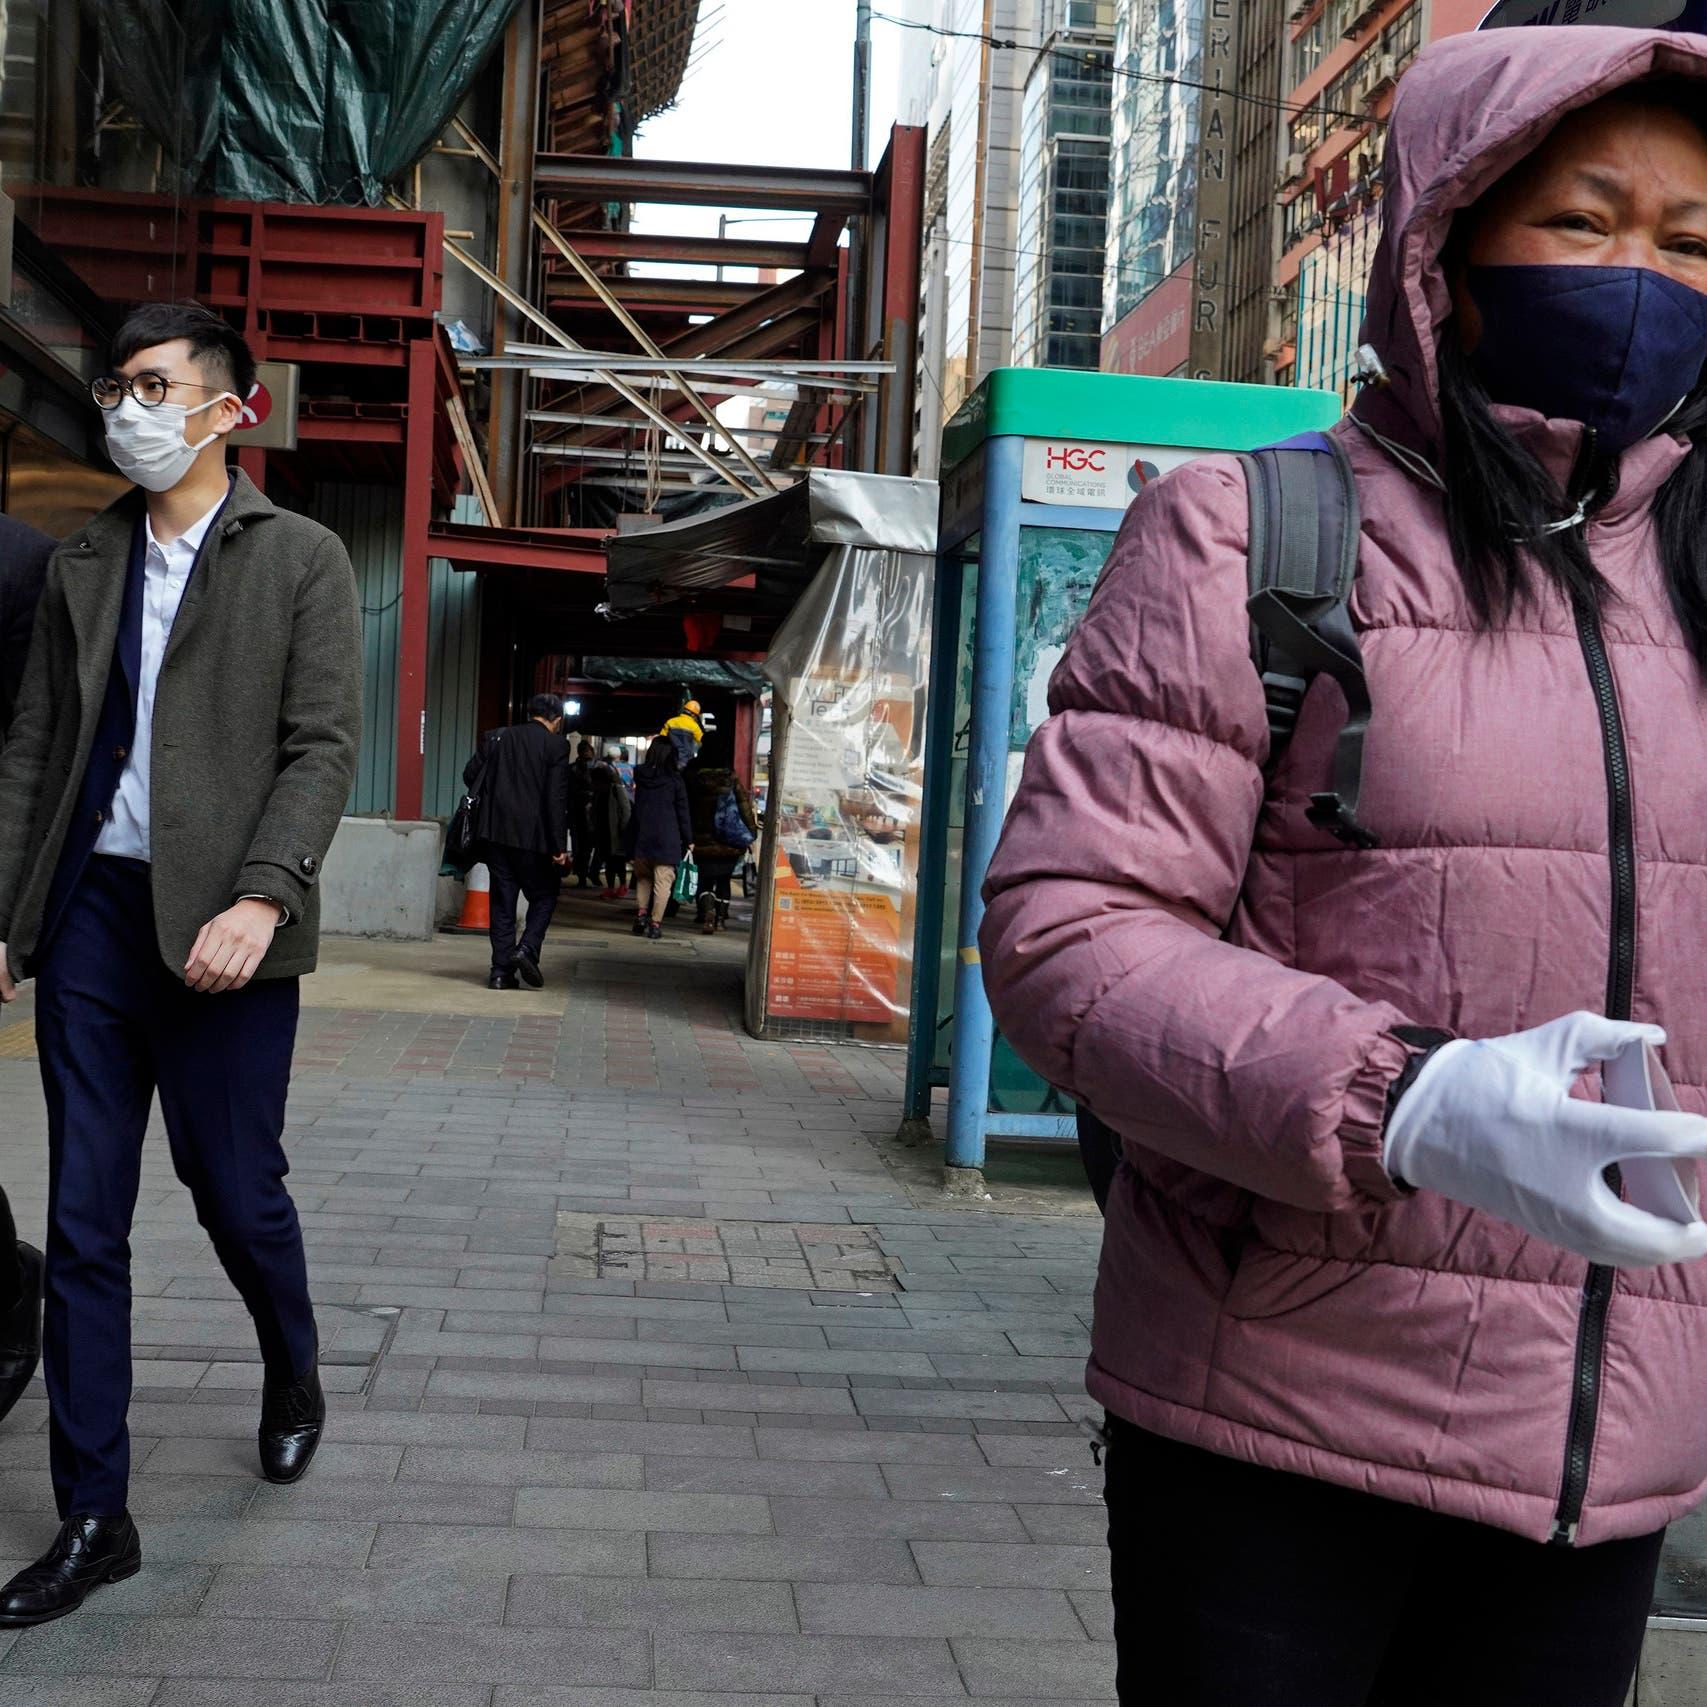 بسبب كورونا.. اقتصاد هونغ كونغ ينكمش 9% في الربع الأول